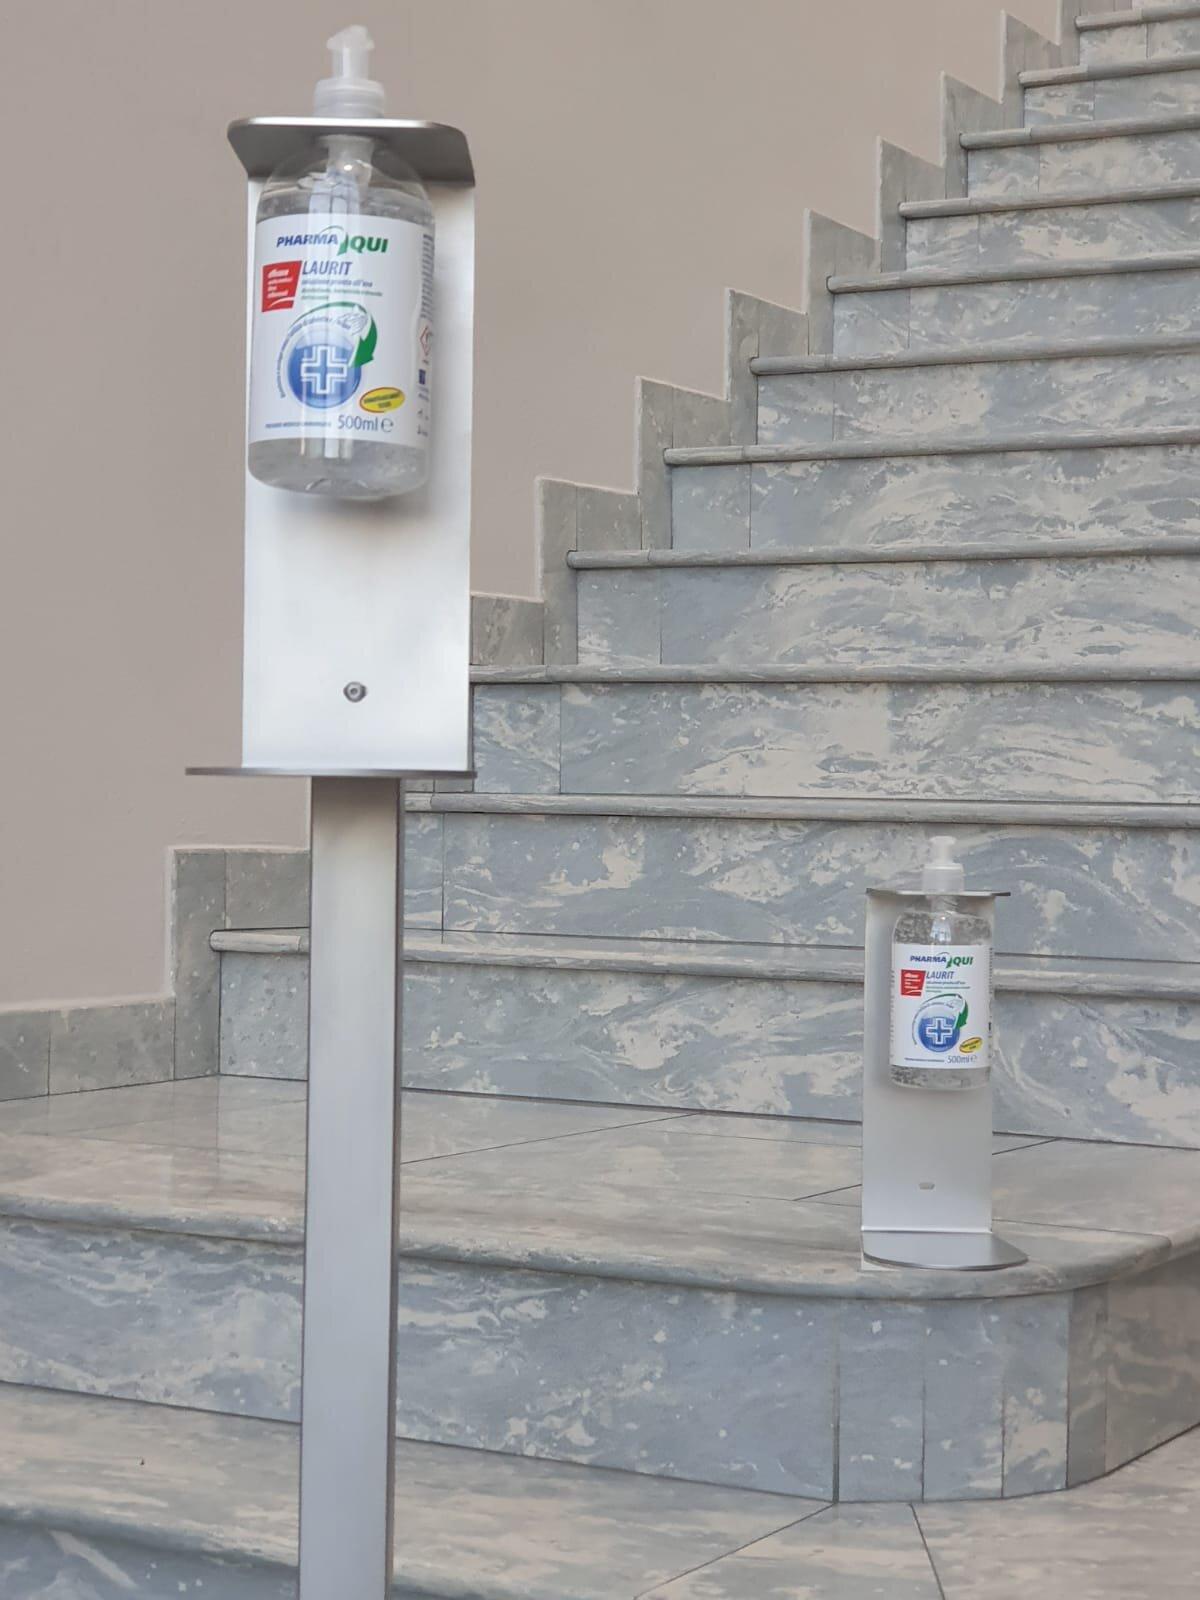 supporto inox per gel igienizzante